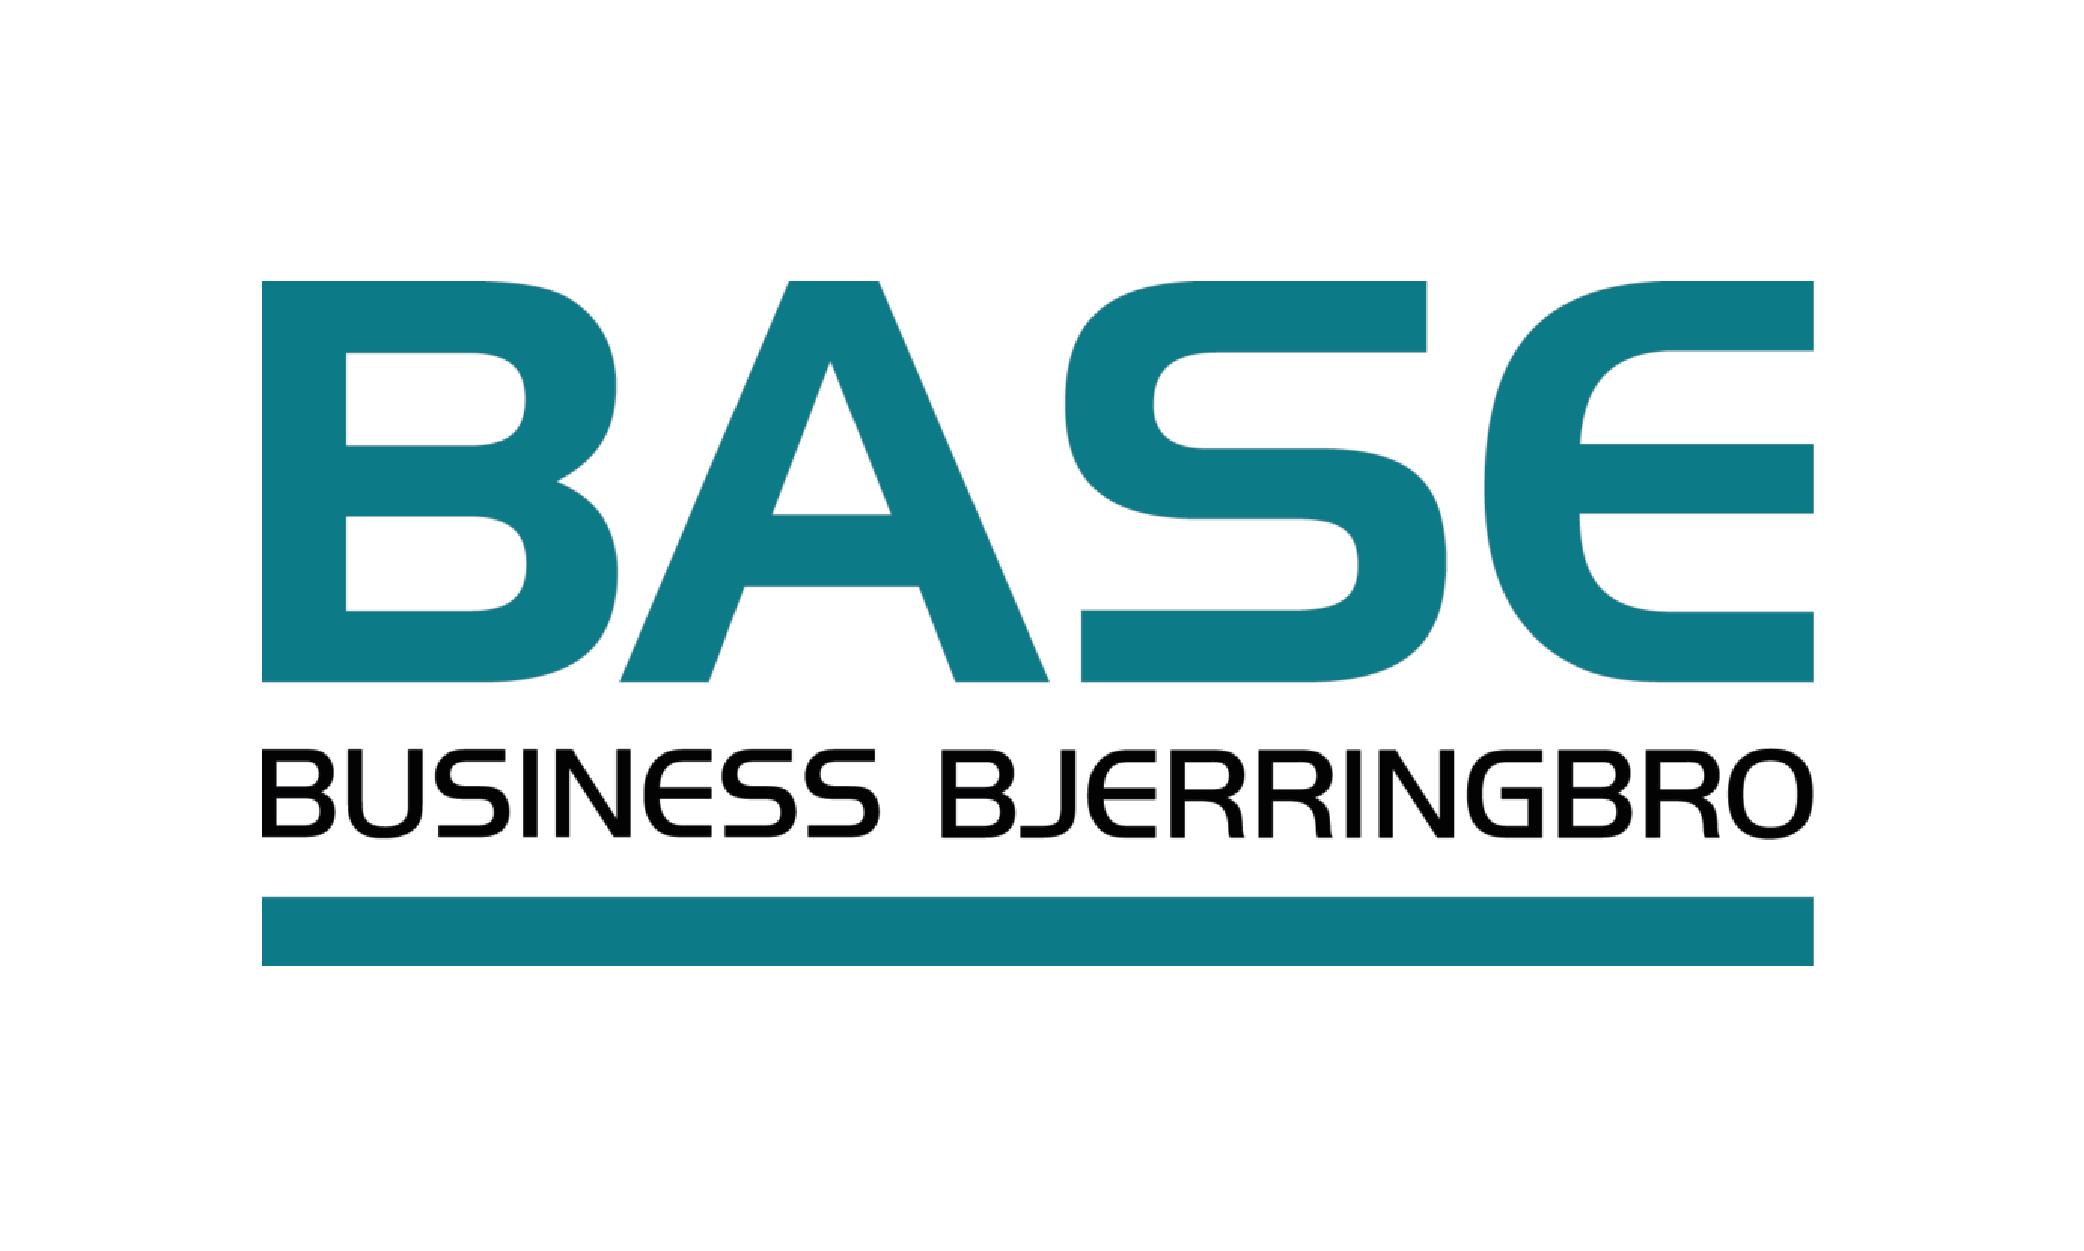 Base Business Bjerringbro, find dit Bizz Up Magasin, Distribution, find magasin, Bizz Up, Bizzup.dk